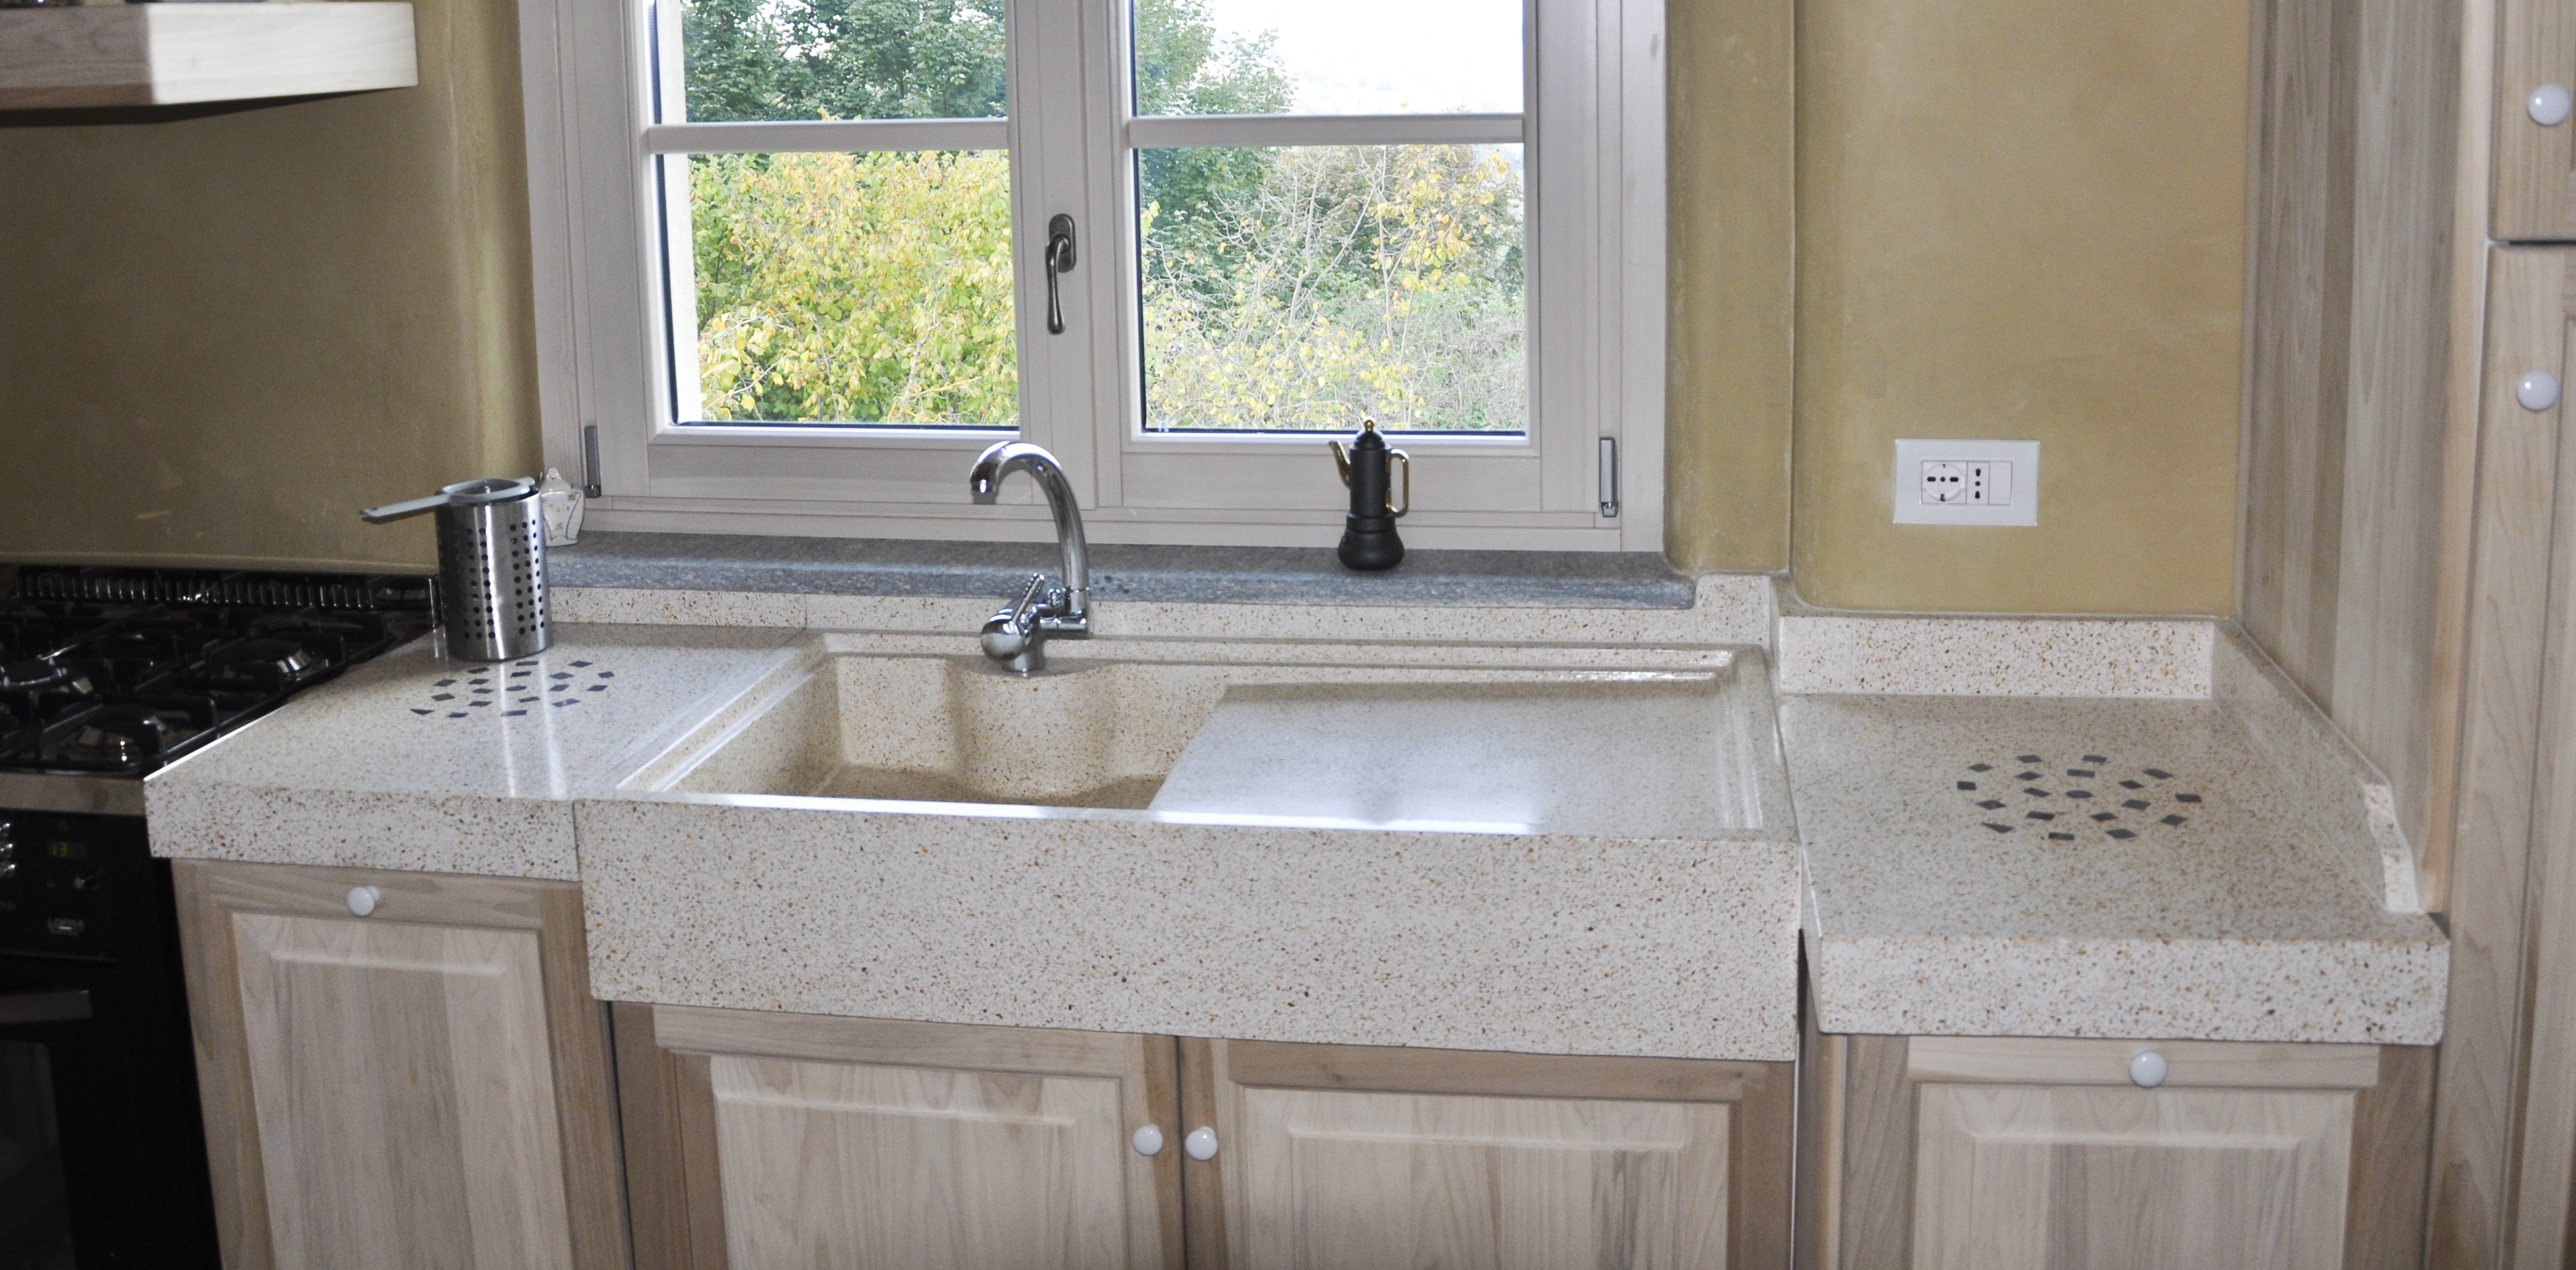 Lavello e piani cucina realizzati su misura